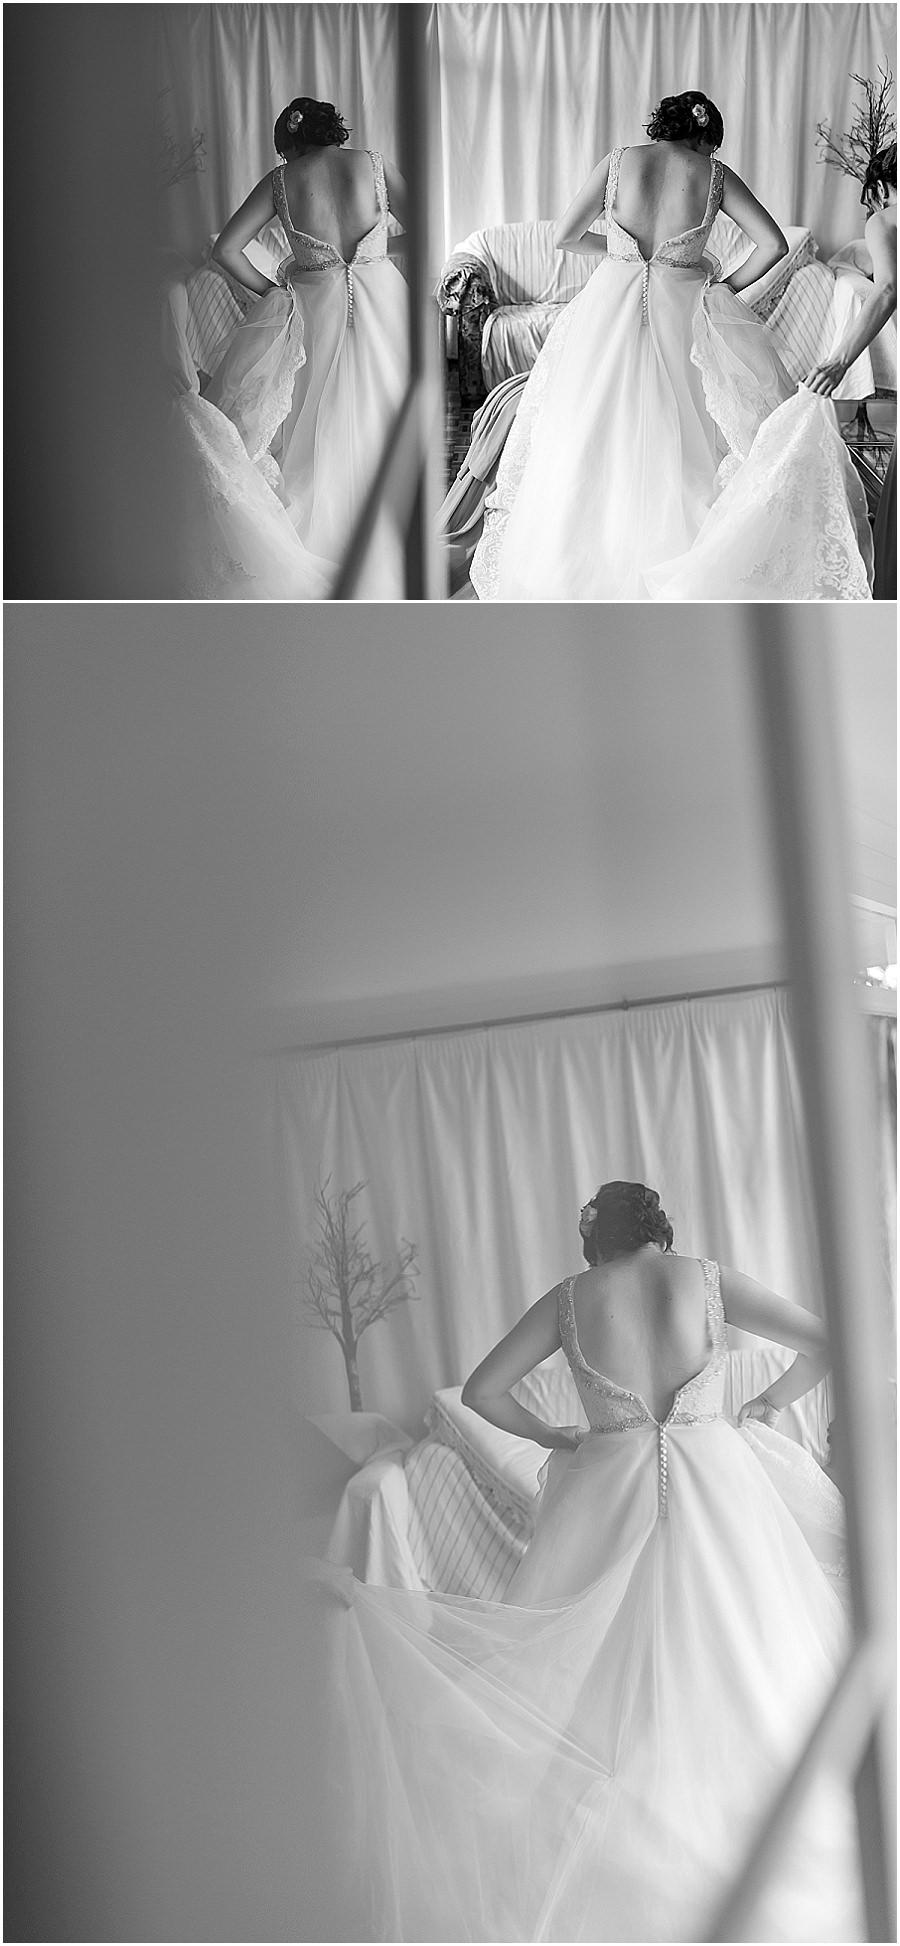 15-bathers-pavilion-wedding-photographer